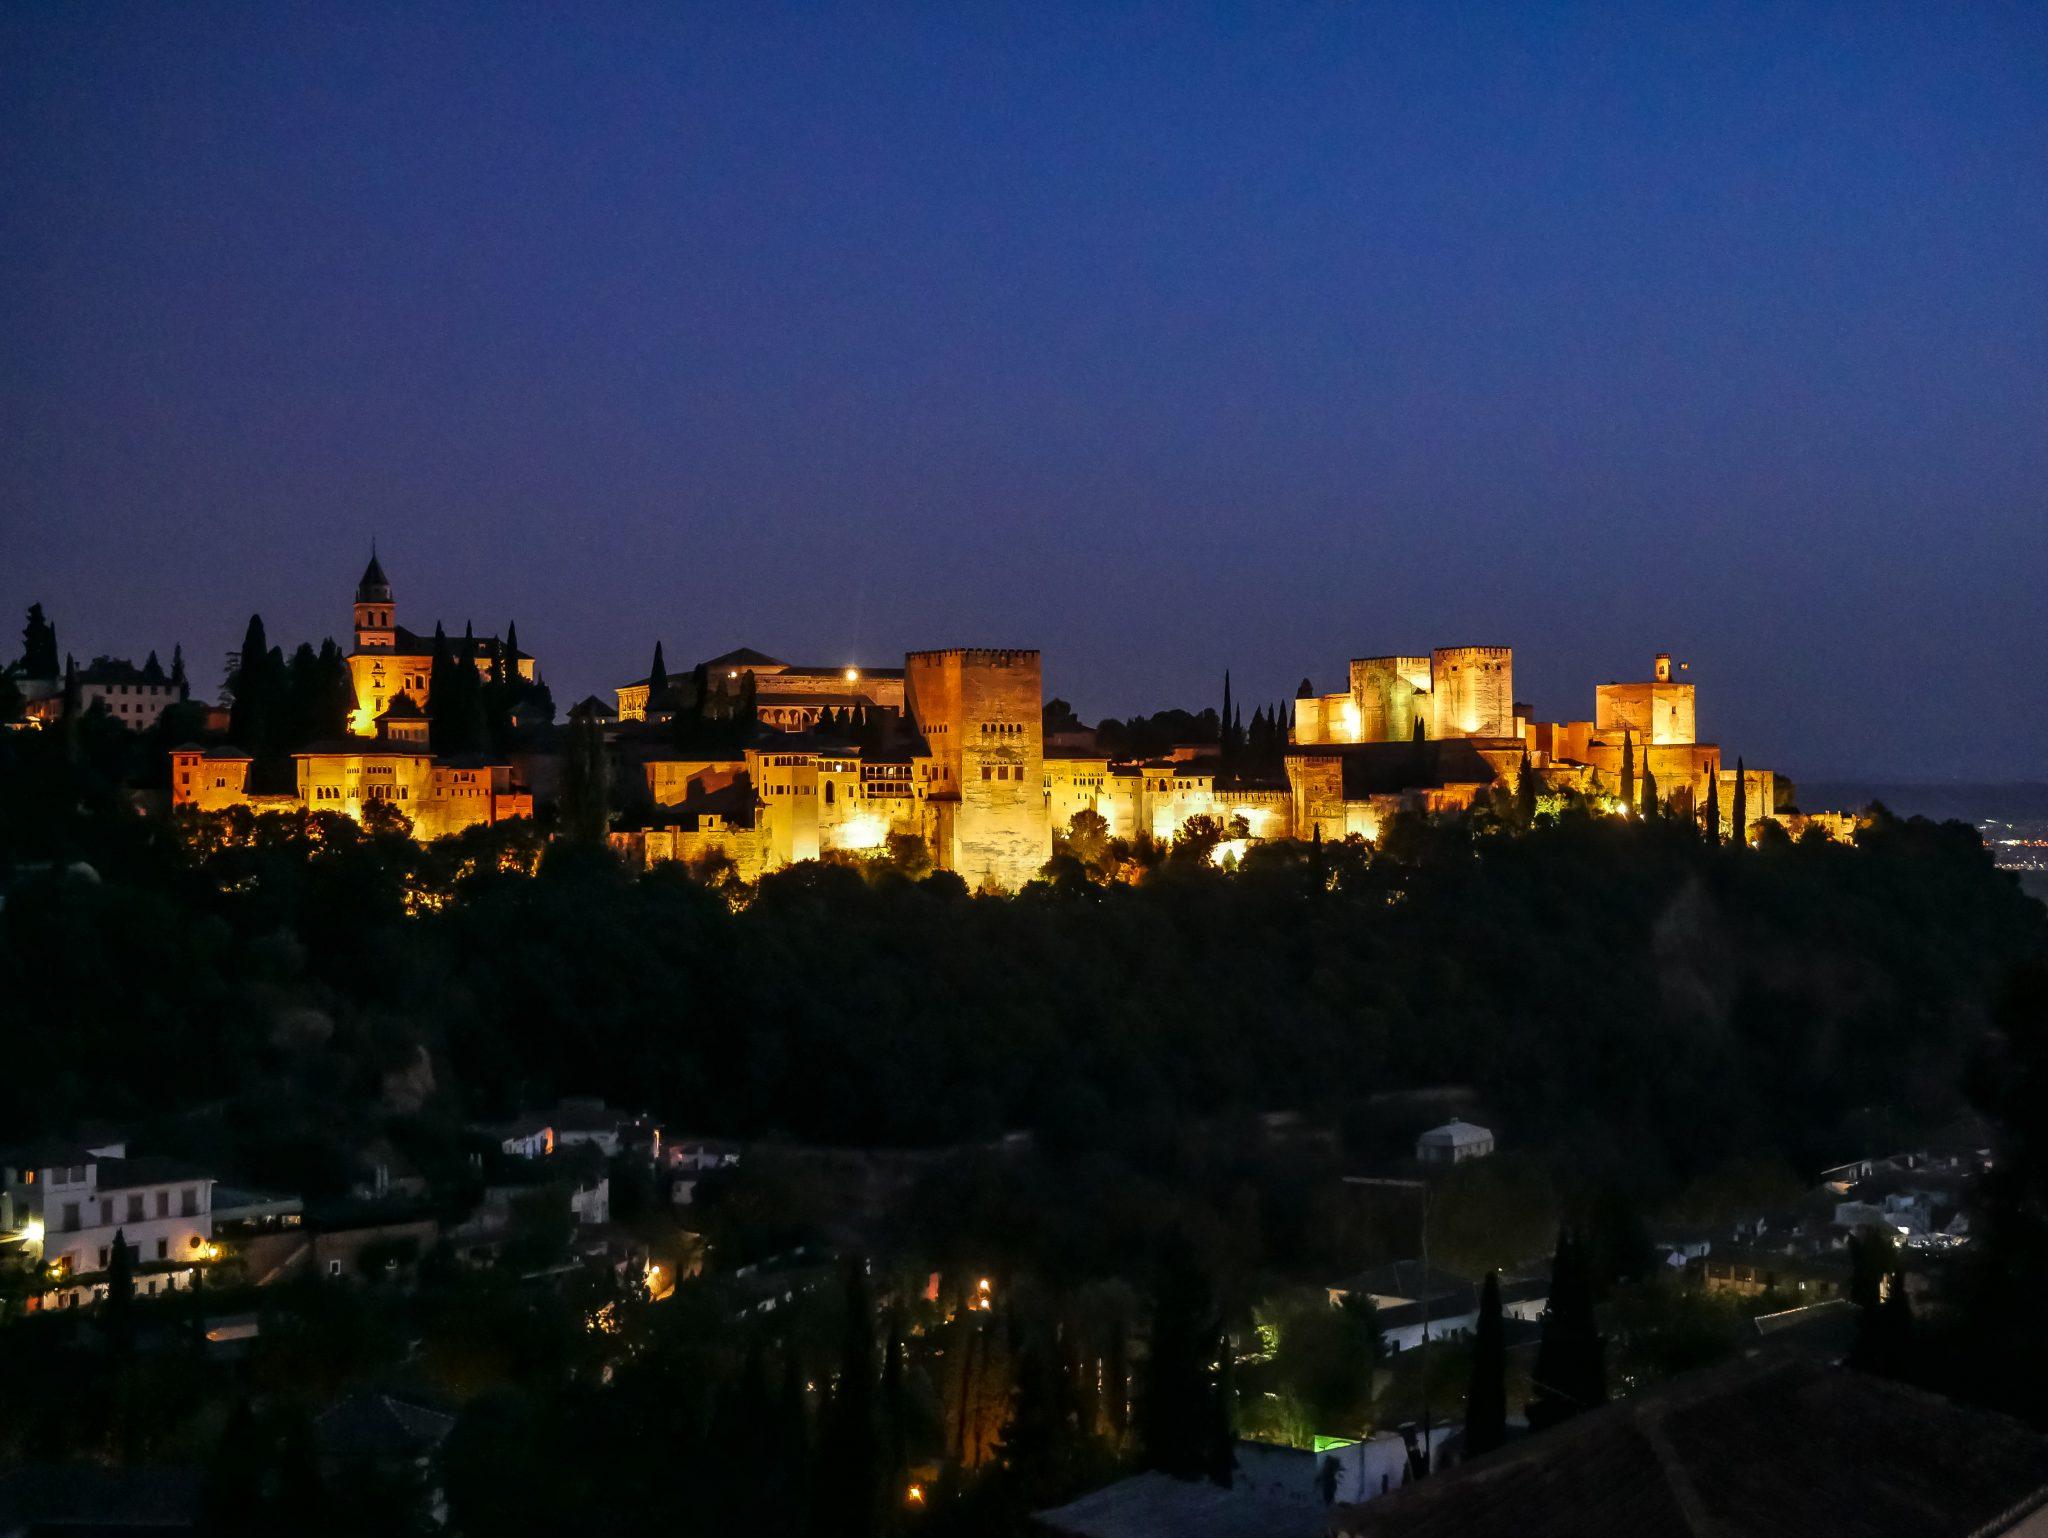 Auch bei Nacht wird die Alhambra wunderschön angestrahlt!